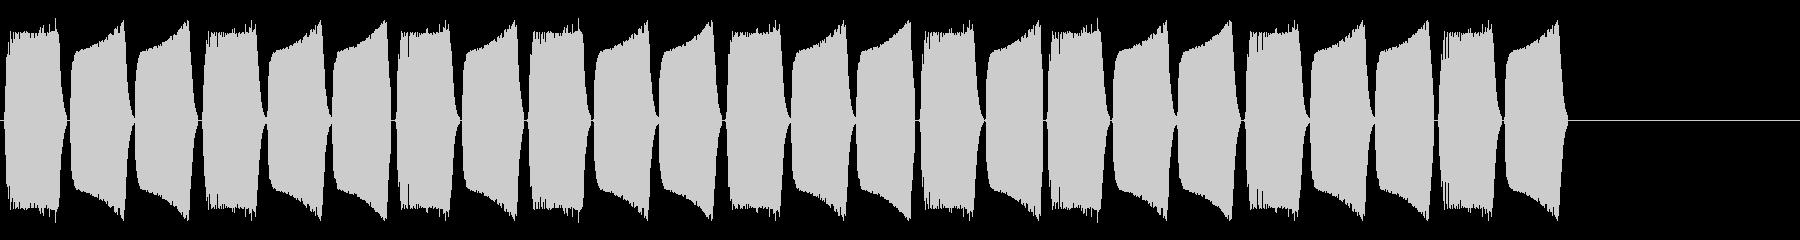 KANTブパ自主規制音2longの未再生の波形